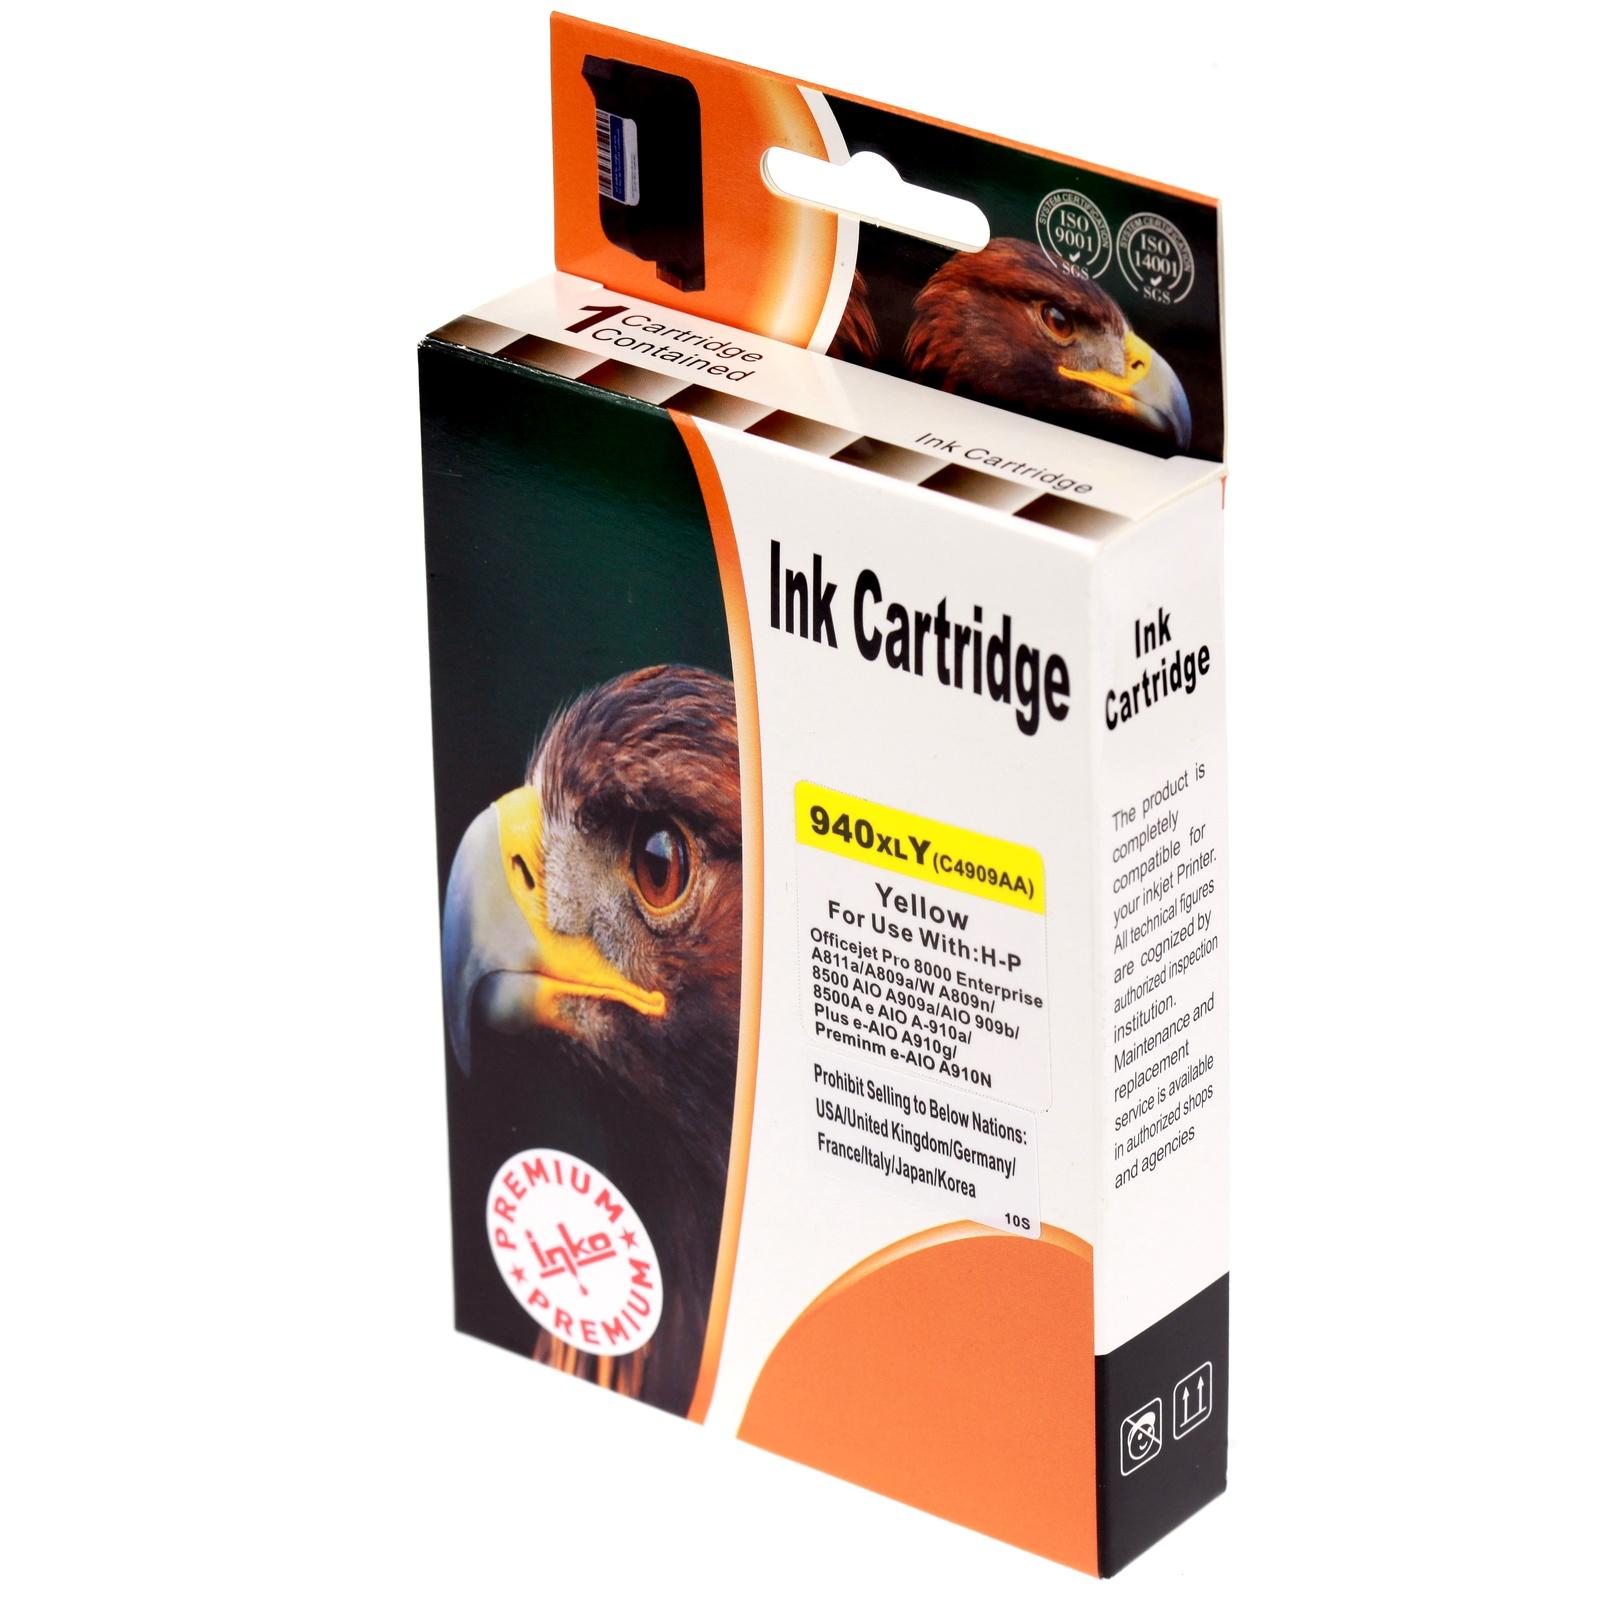 Картридж Inko для HP 940 XL желтый повышенной емкости картридж струйный hp 940 c4901a для hp officejet pro 8000 8500 8500a magenta cyan